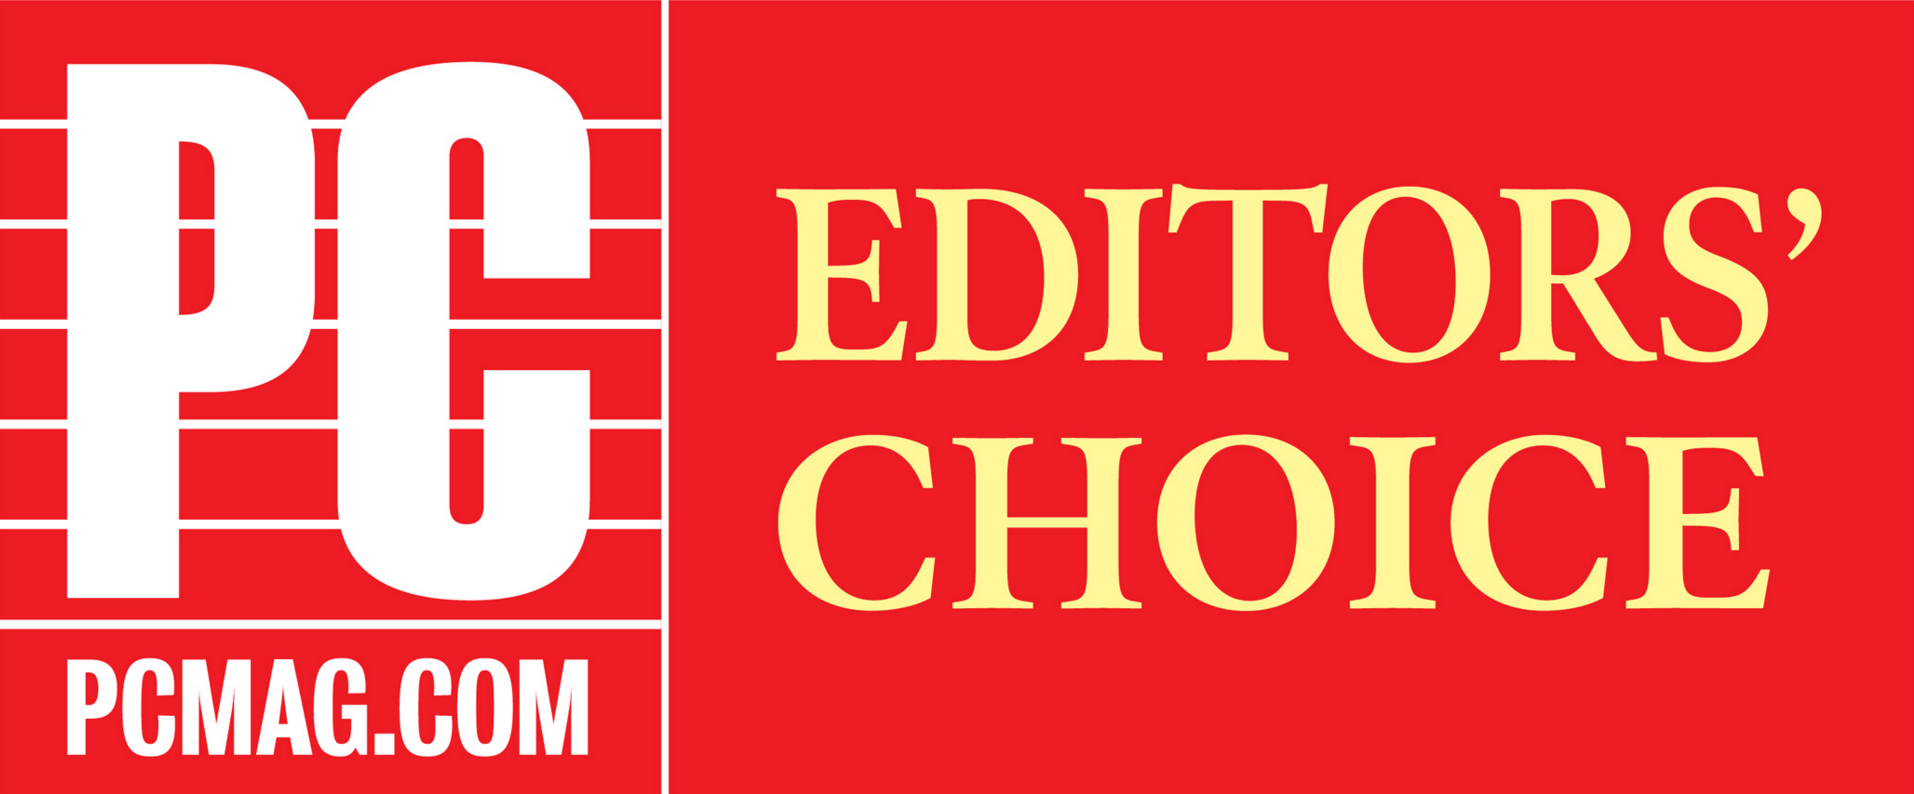 editors choice.png